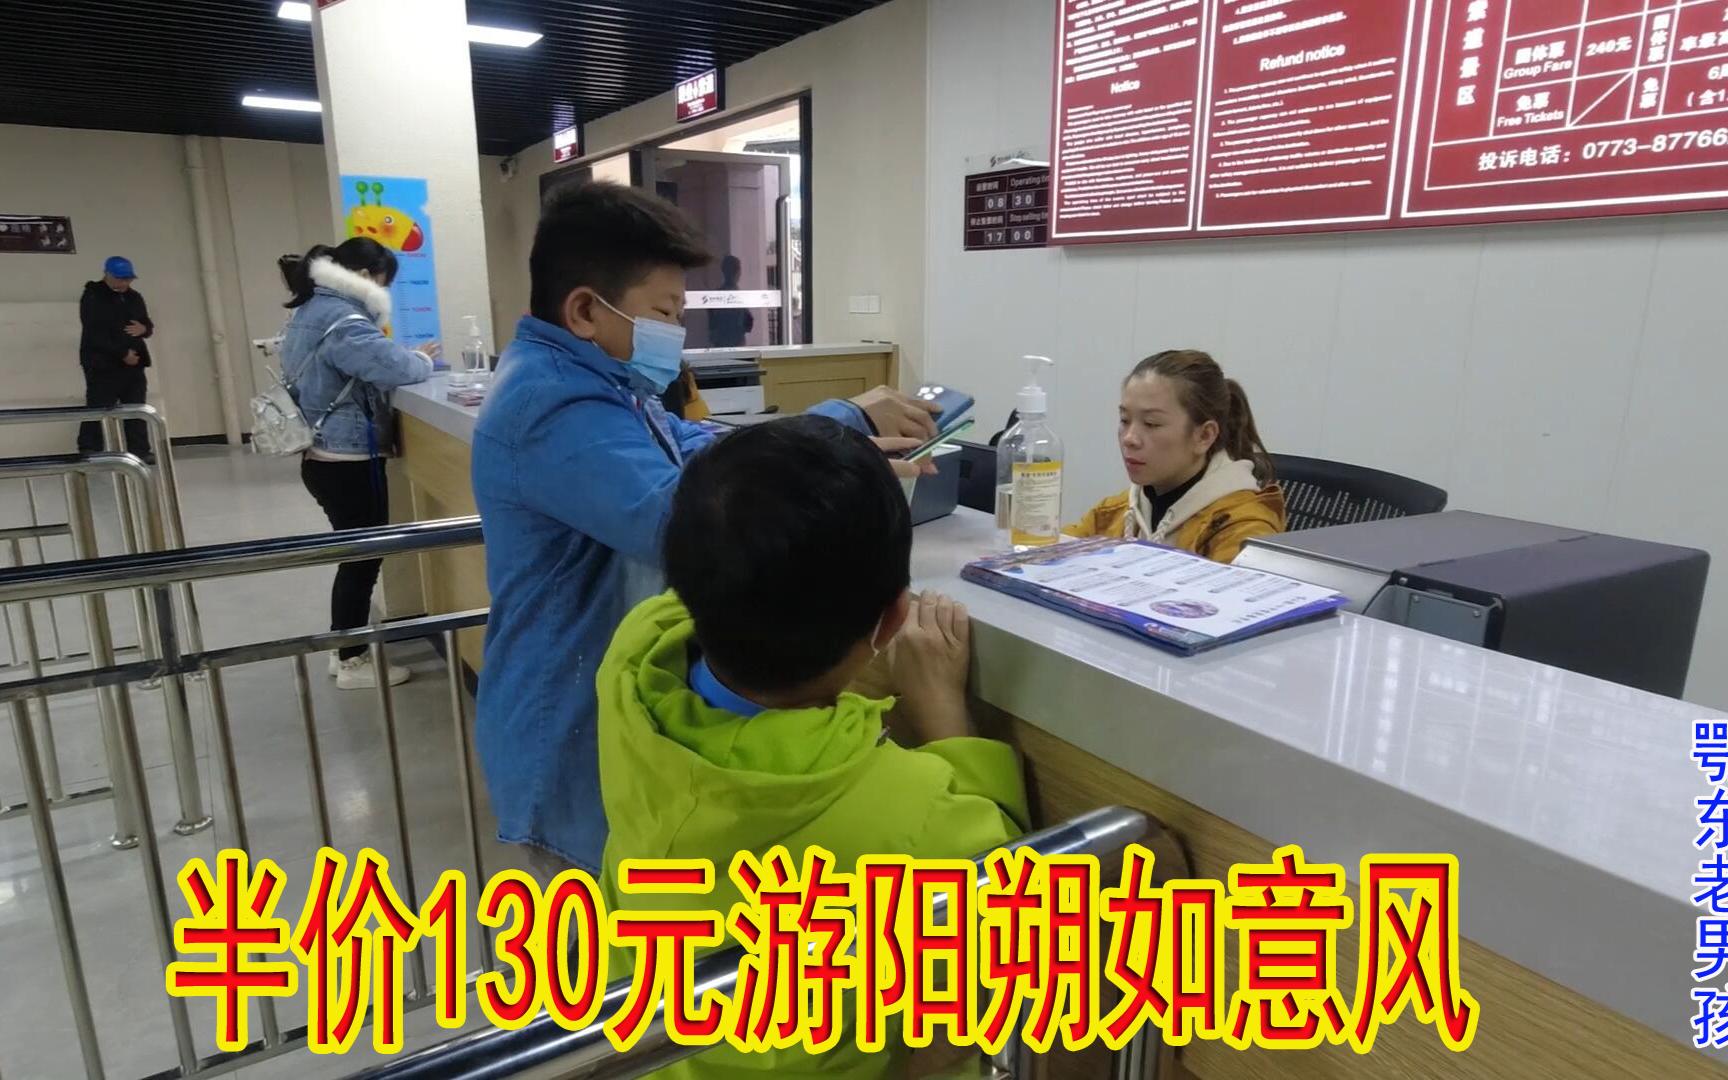 桂林山水甲天下,小六带老男孩去看山,130元的半票看怎么买到的